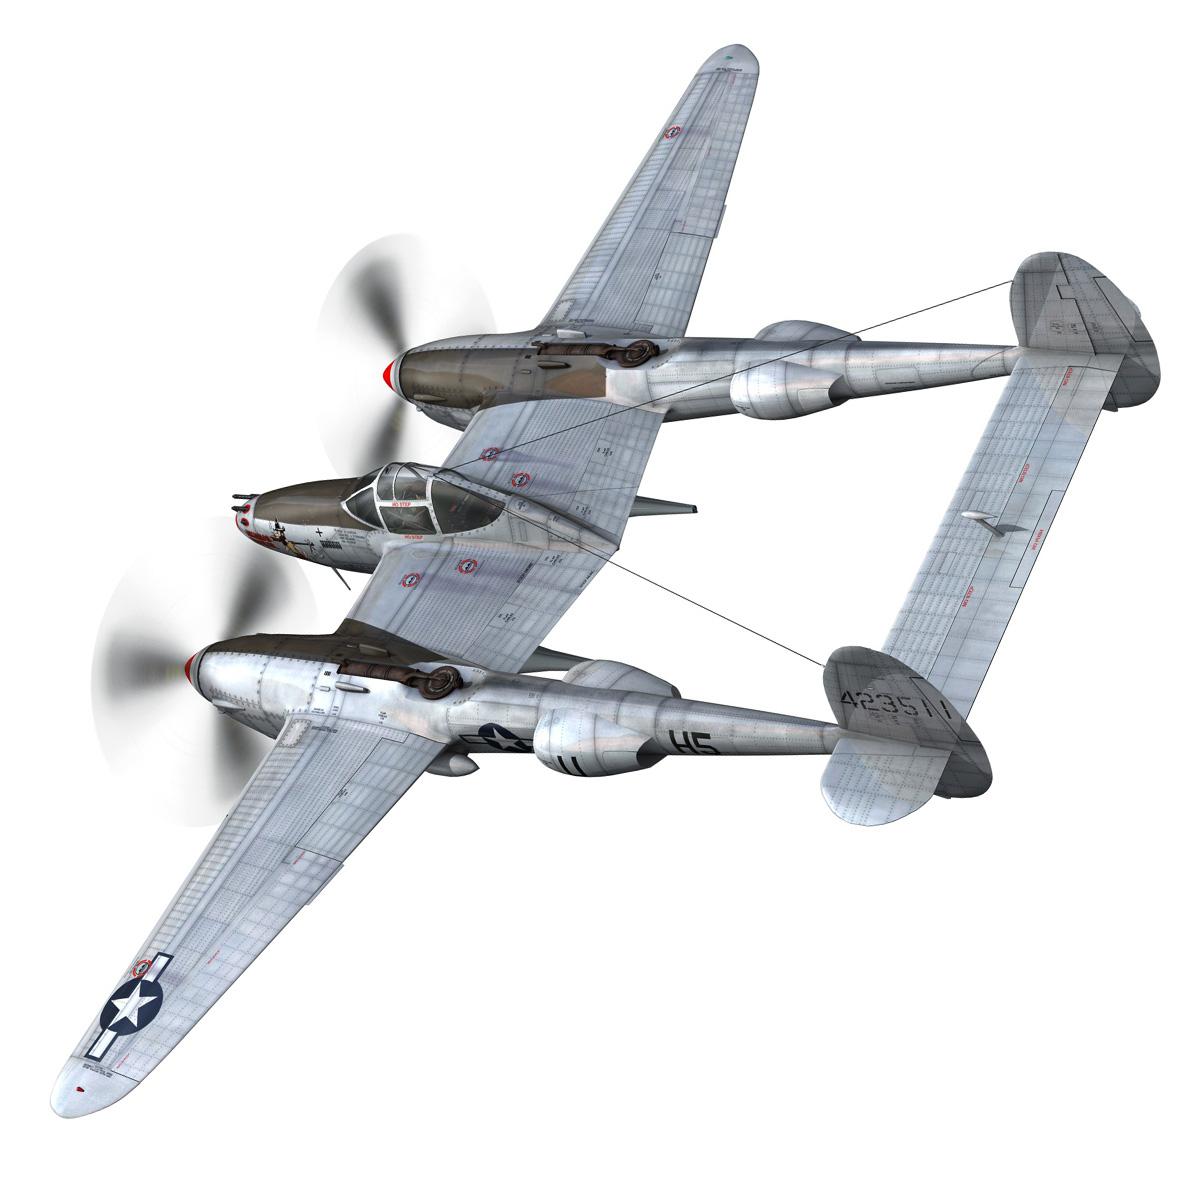 lockheed p-38 lightning – arkansas traveler 3d model fbx lwo lw lws obj c4d 266745